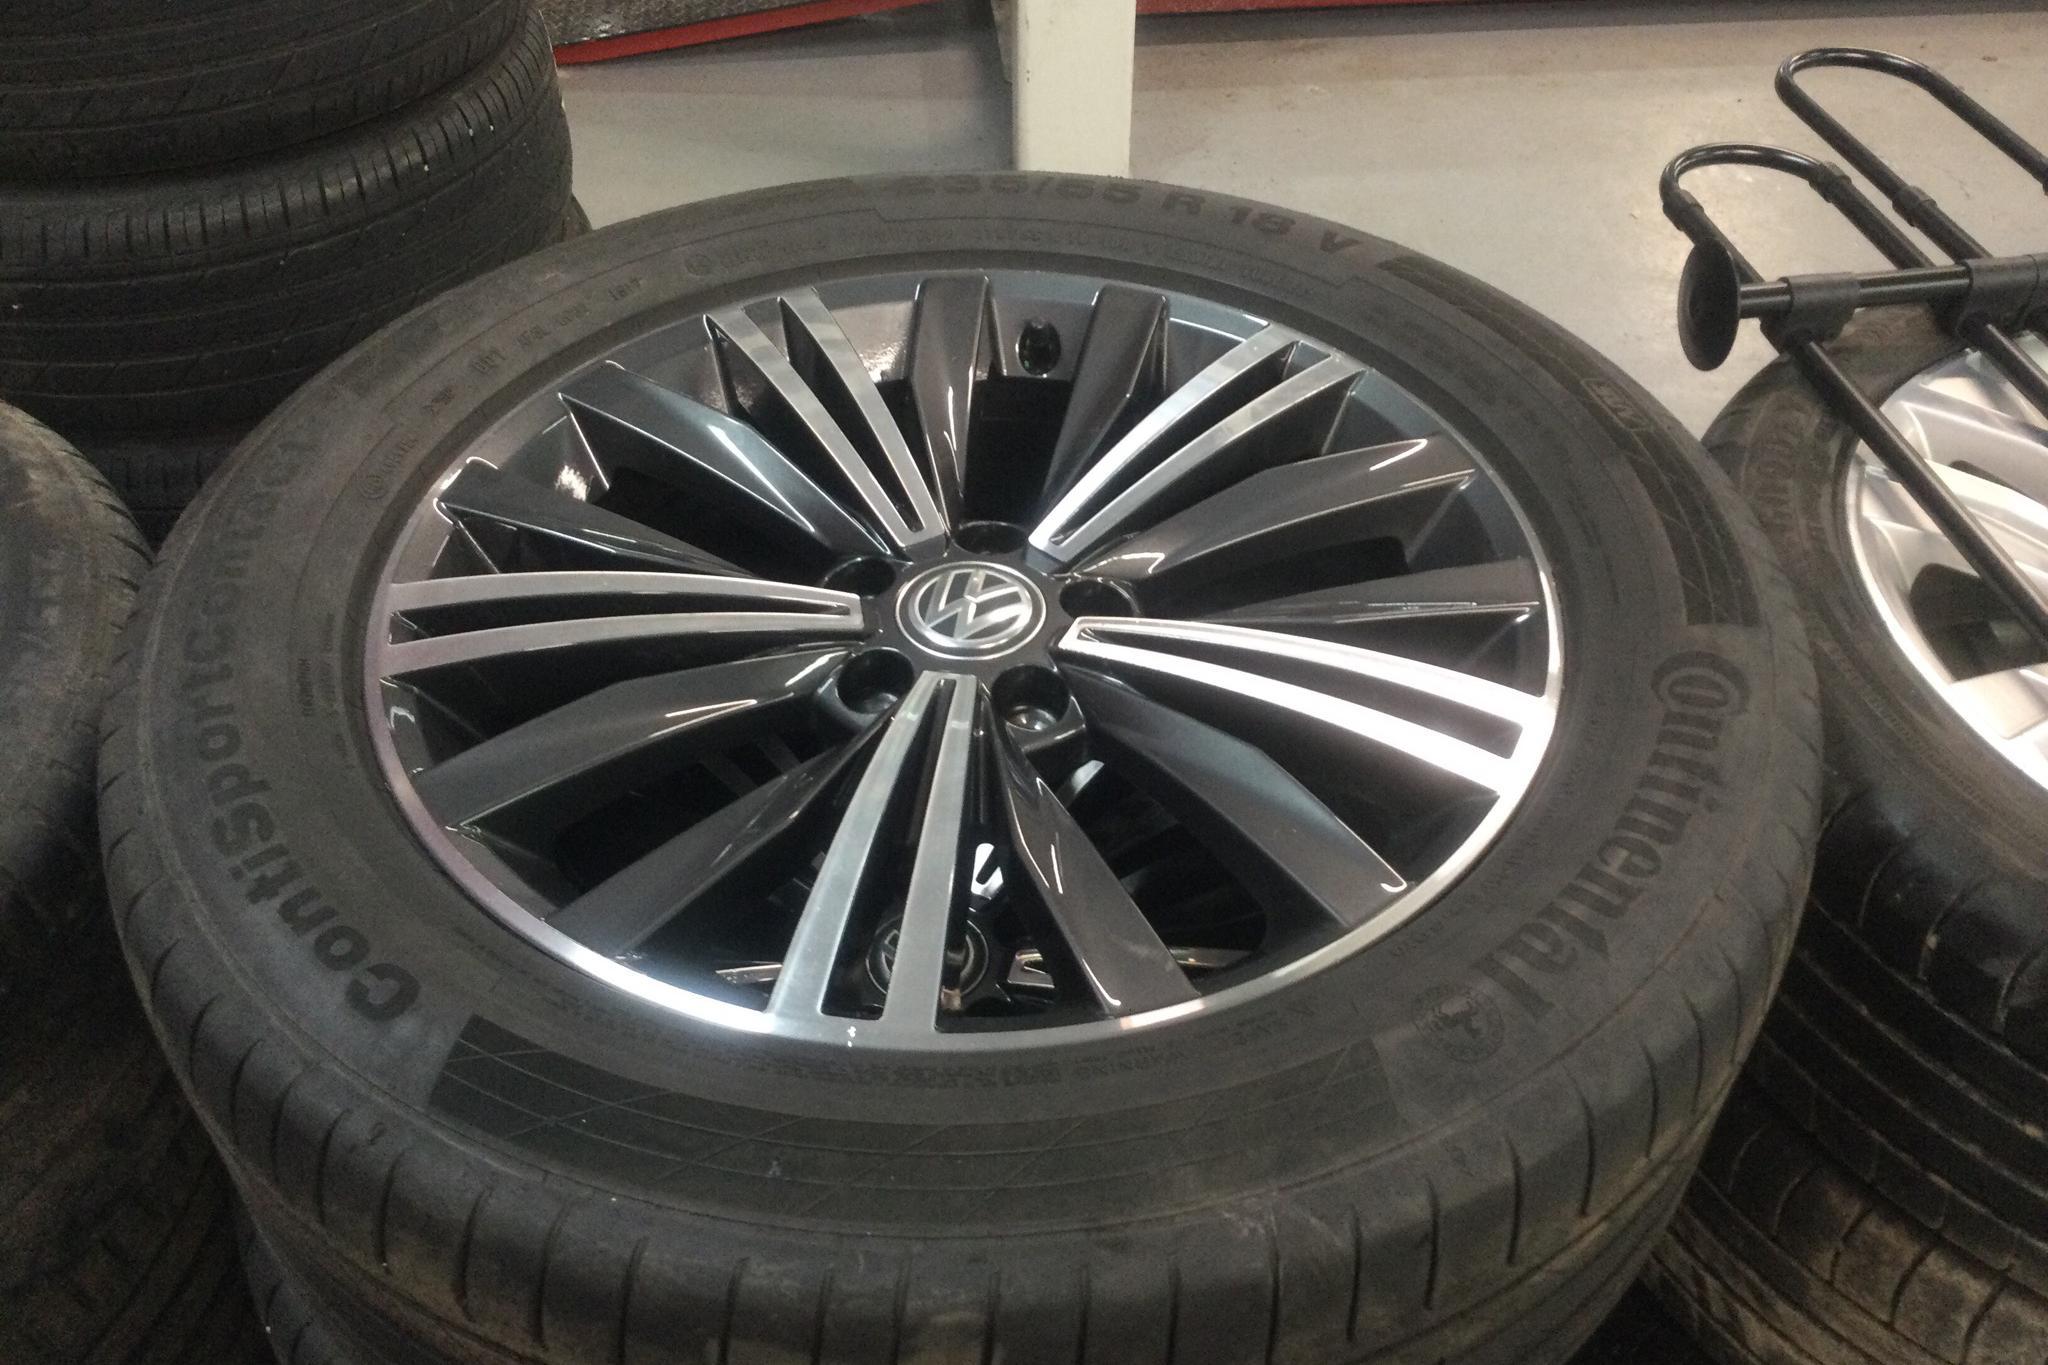 VW Tiguan 2.0 TDI 4MOTION (190hk) - 87 410 km - Automatic - white - 2018